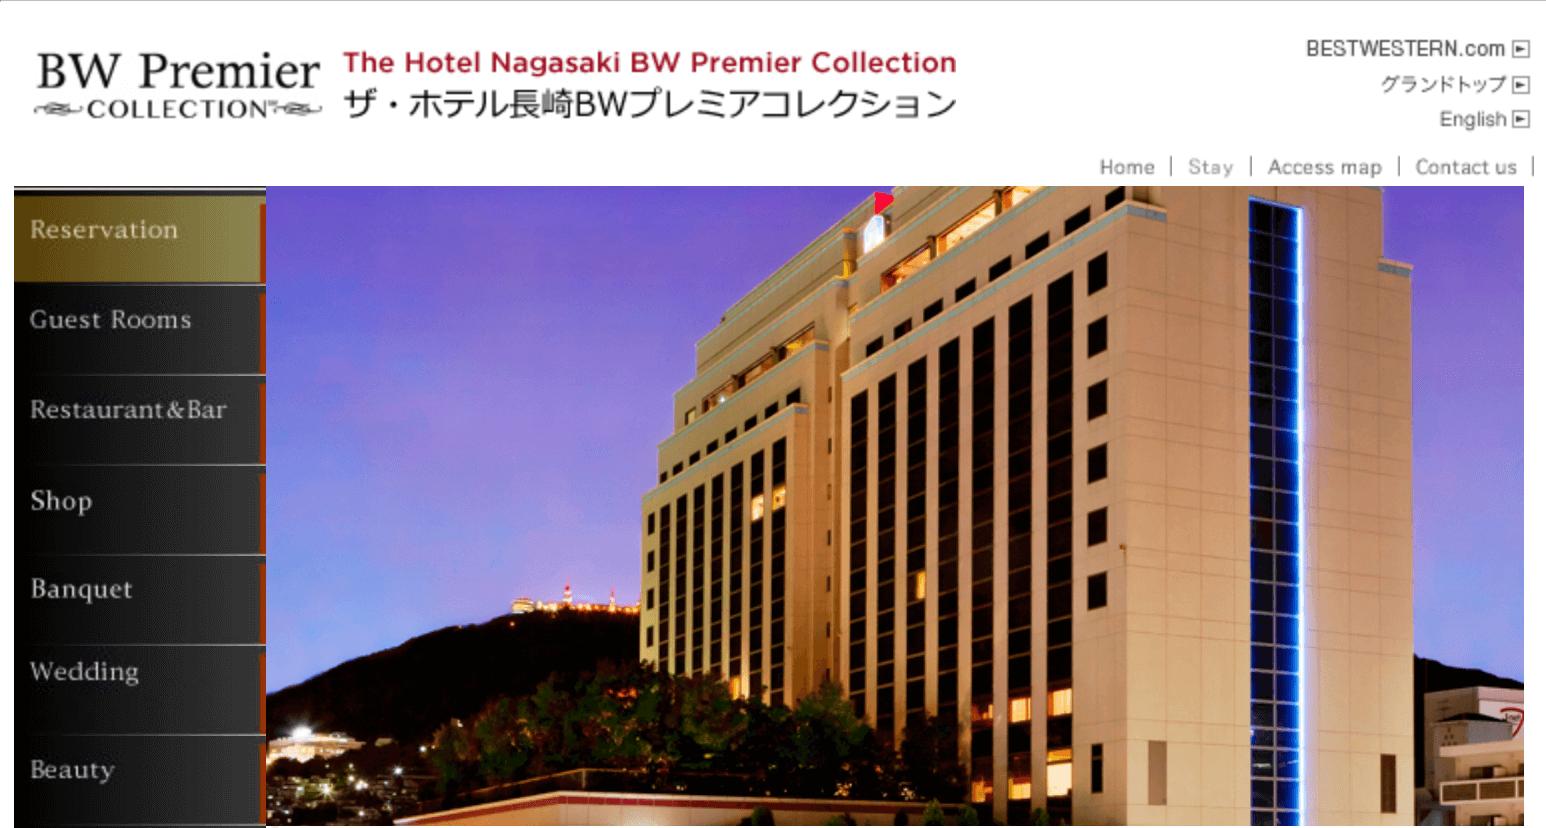 長崎でパパ活におすすめなホテル「」ザ・ホテル長崎BWプレミアコレクション